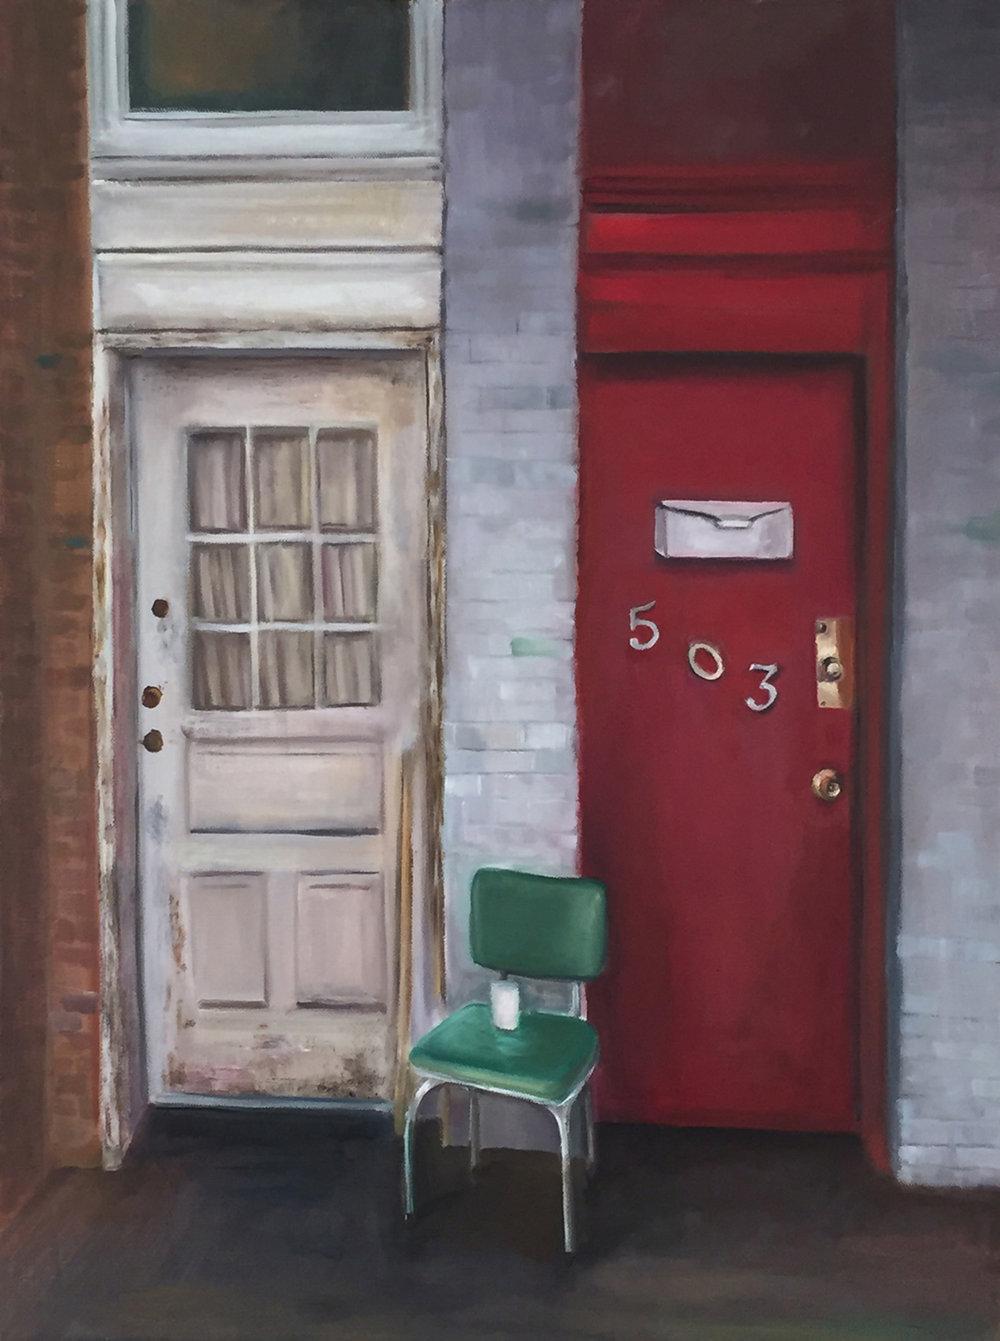 GalleryOonH-Cathy Abramson-White Door, Red Door-2016-Oil on Canvas-18x24-1900.jpg